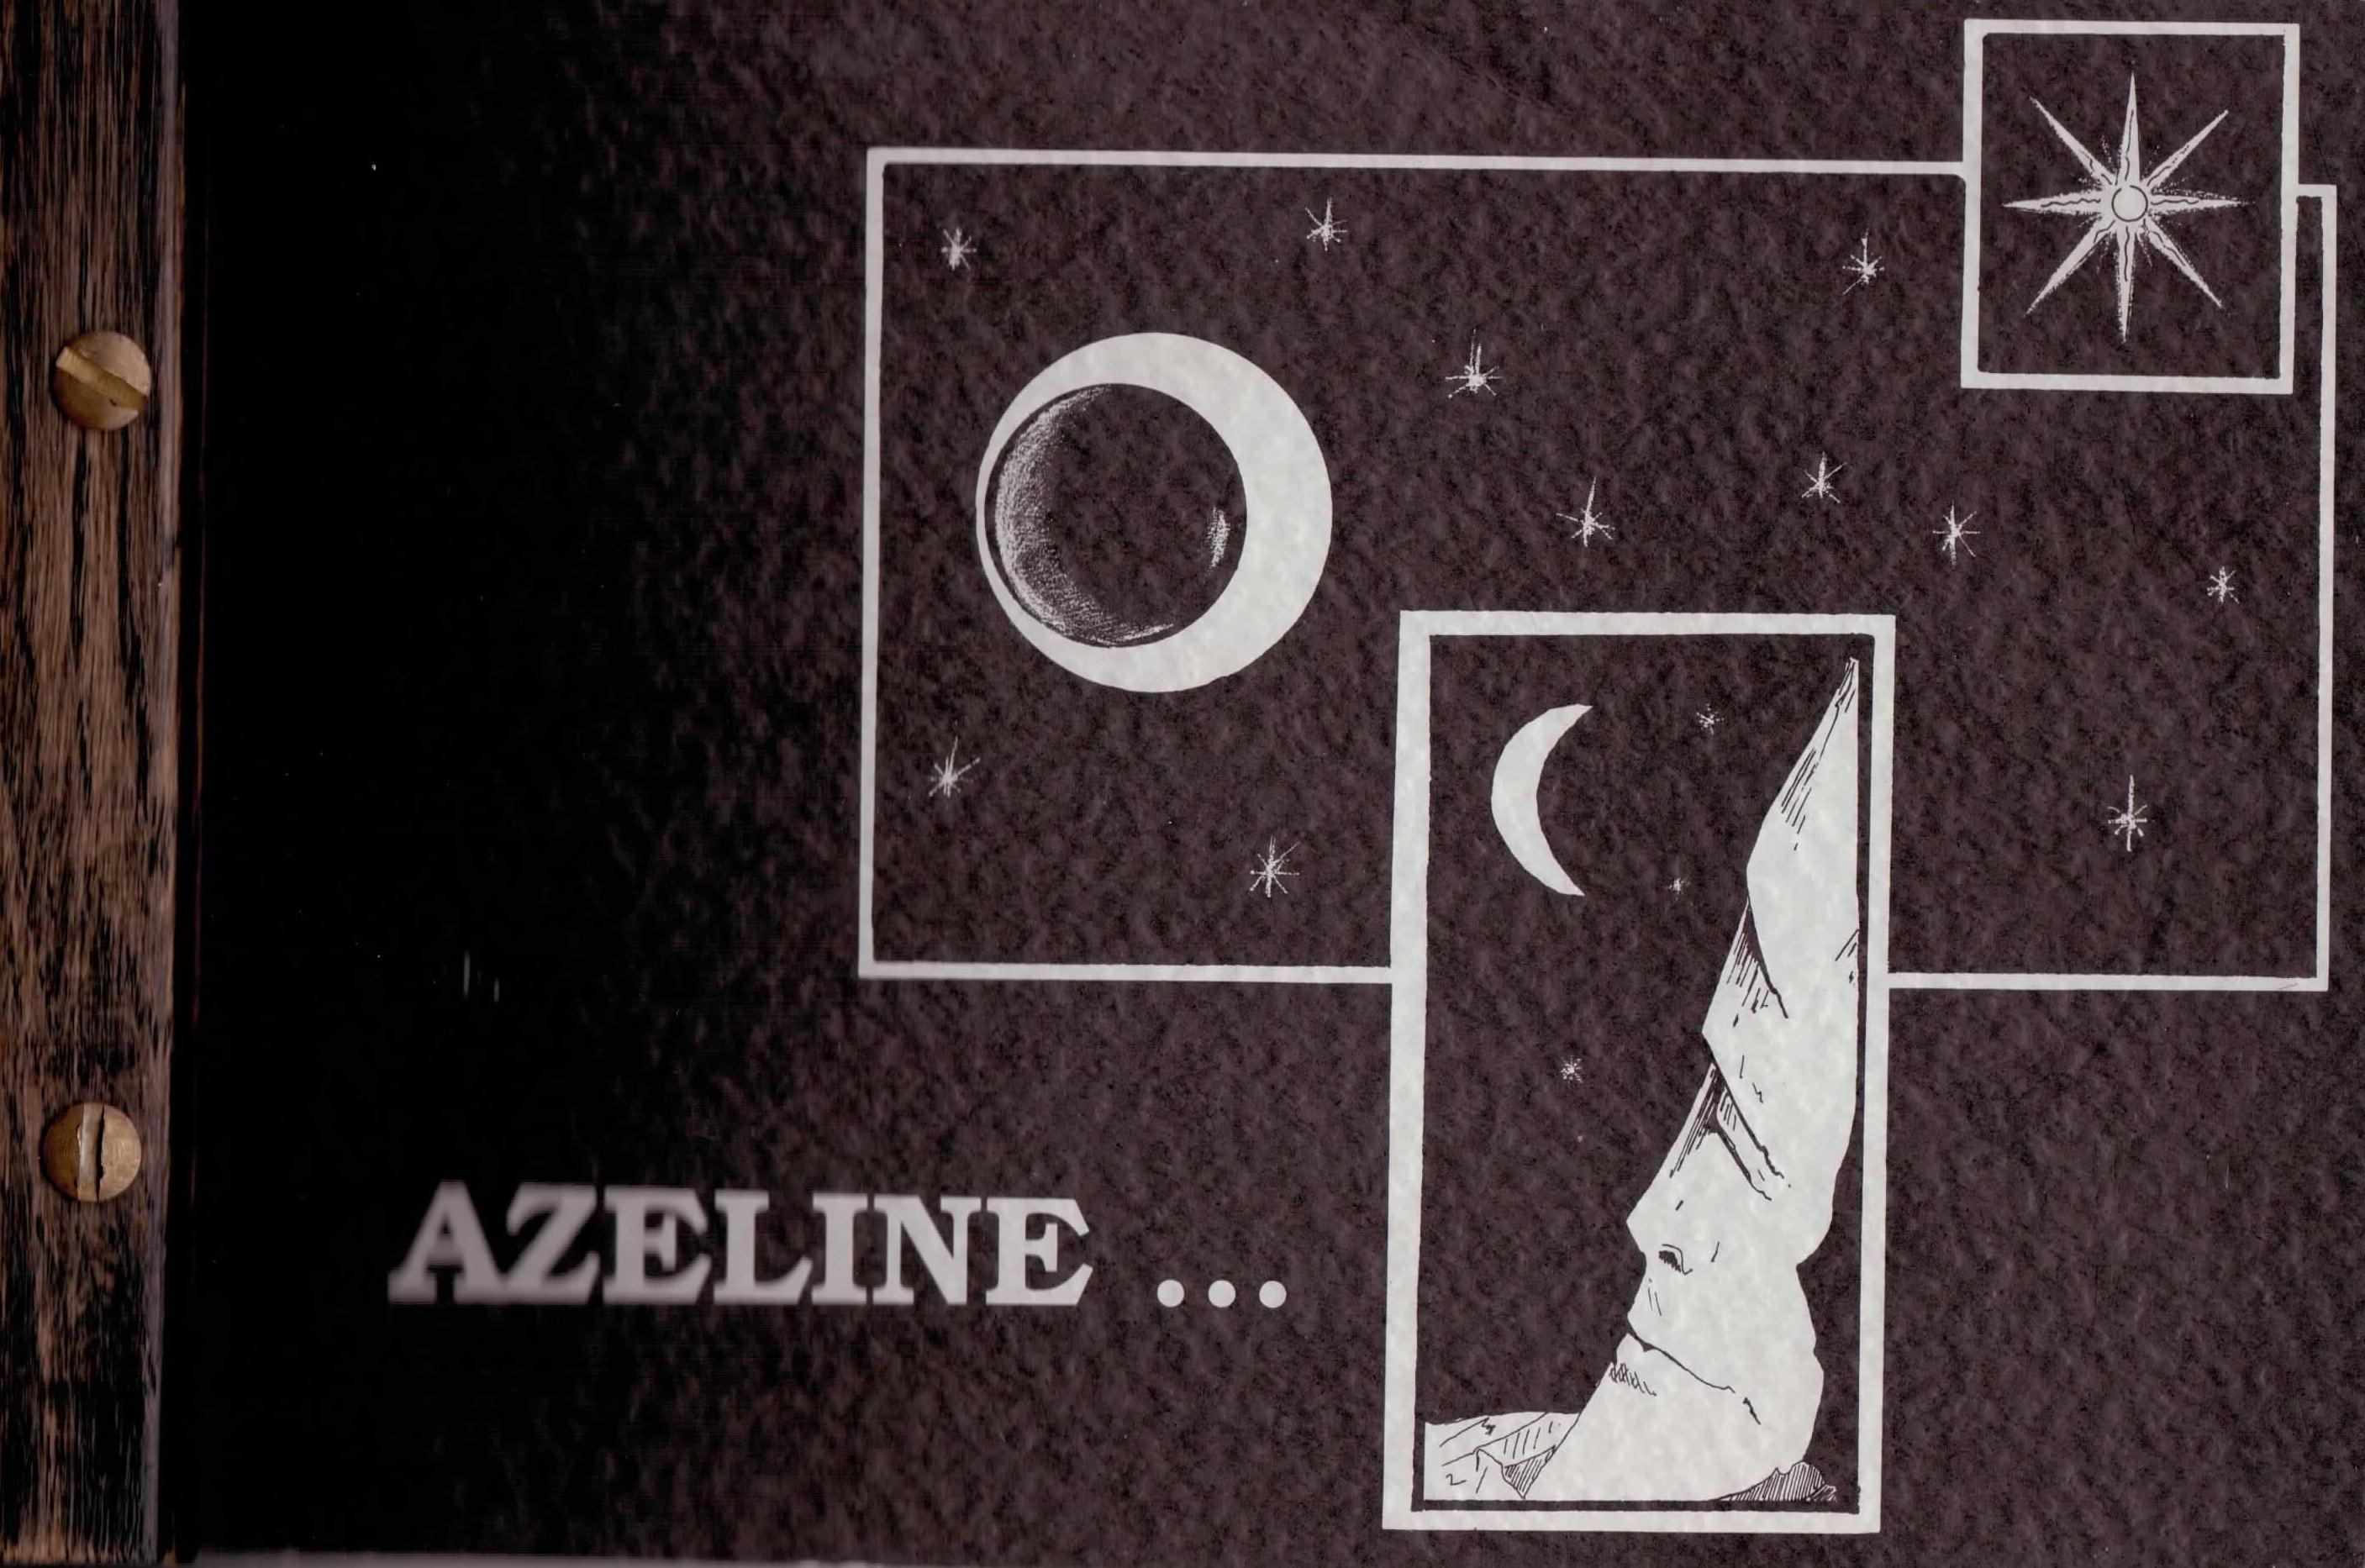 Azeline...